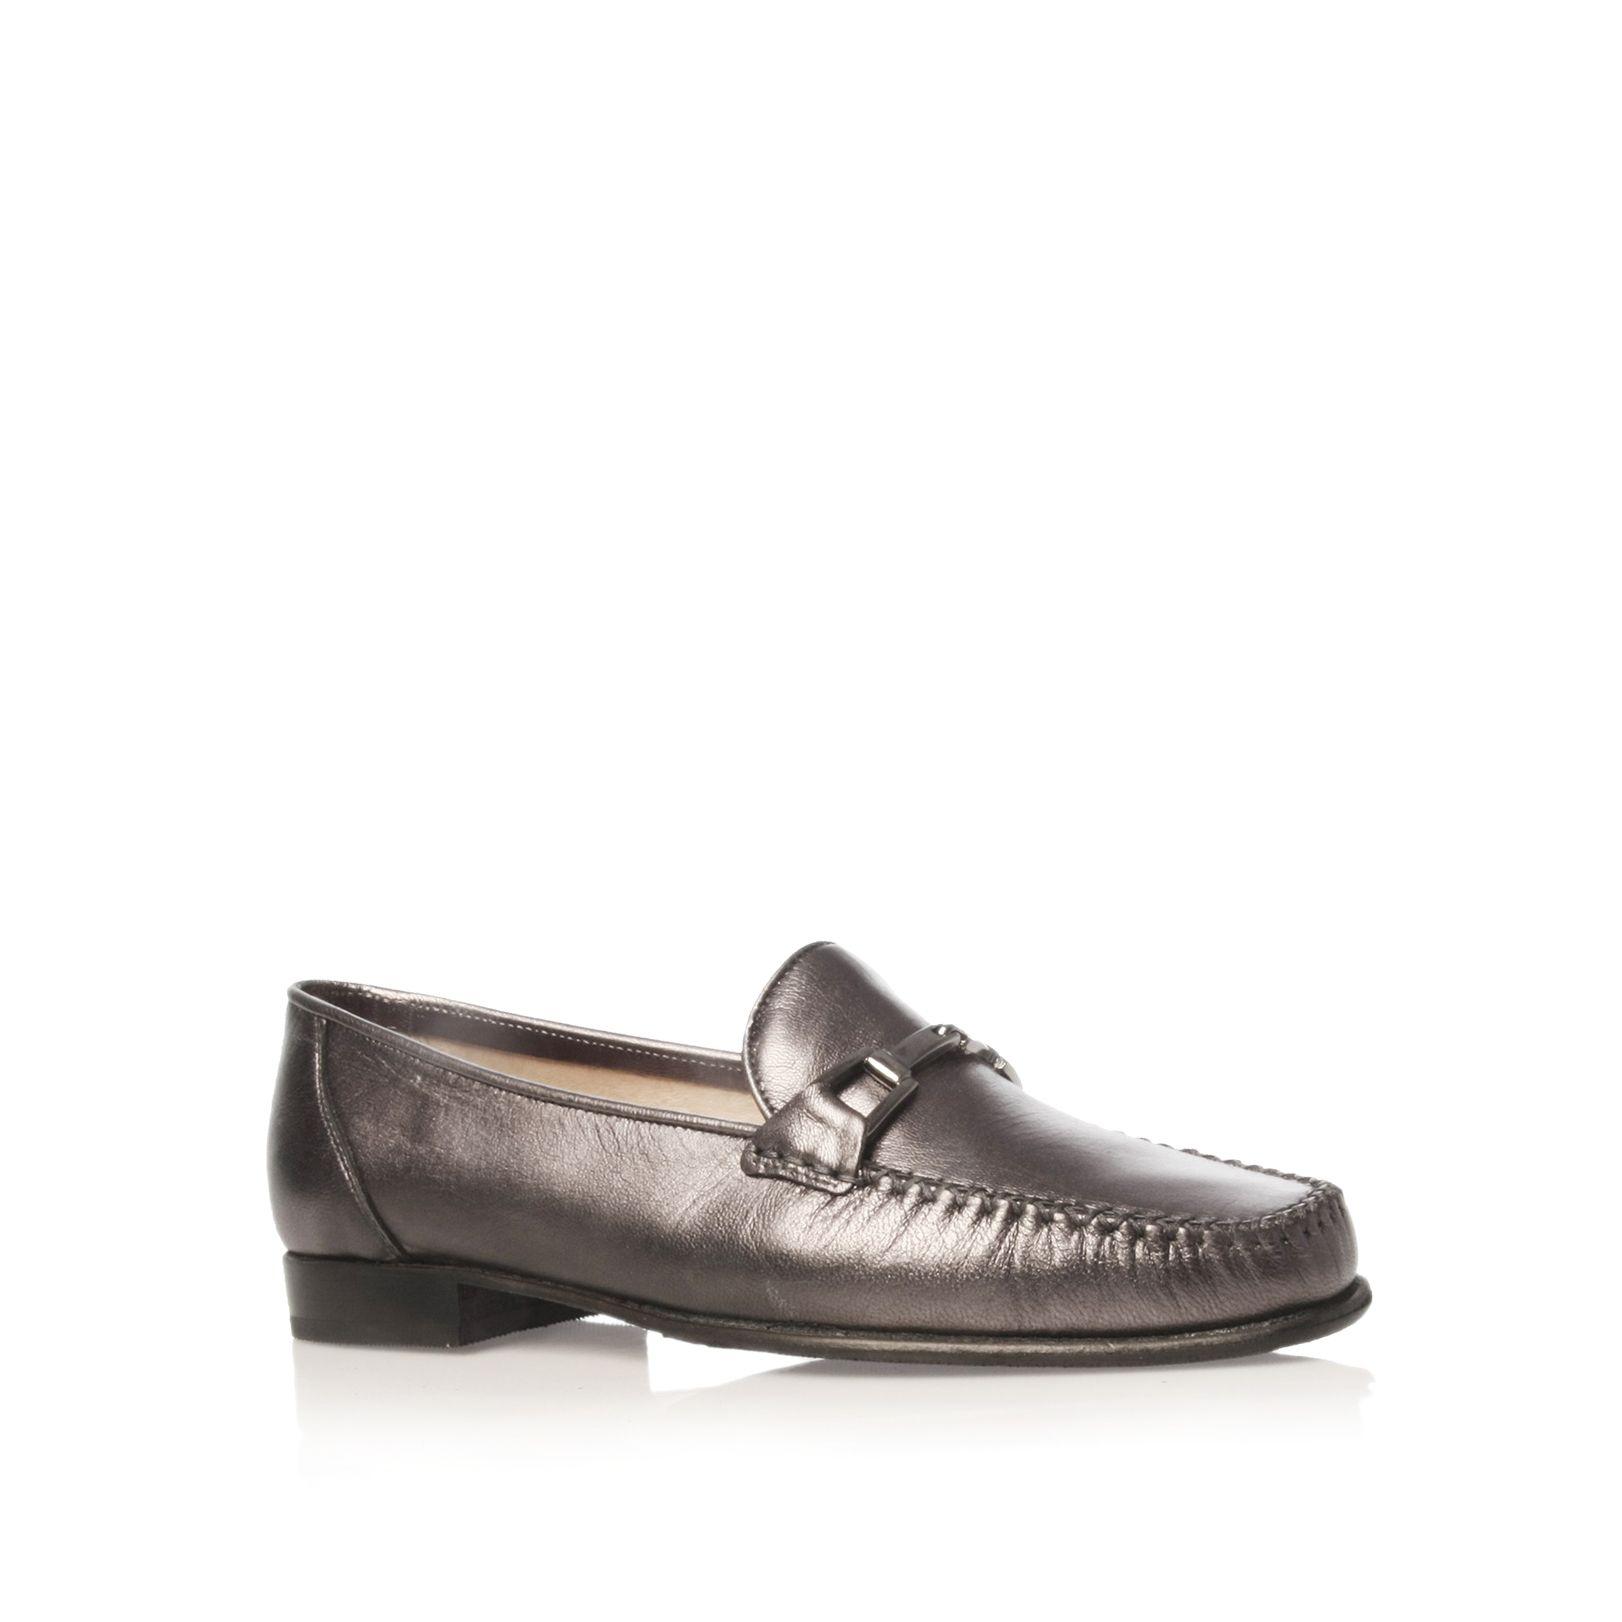 Carvela Kurt Geiger Mariner Loafer Shoes In Gray For Men   Lyst